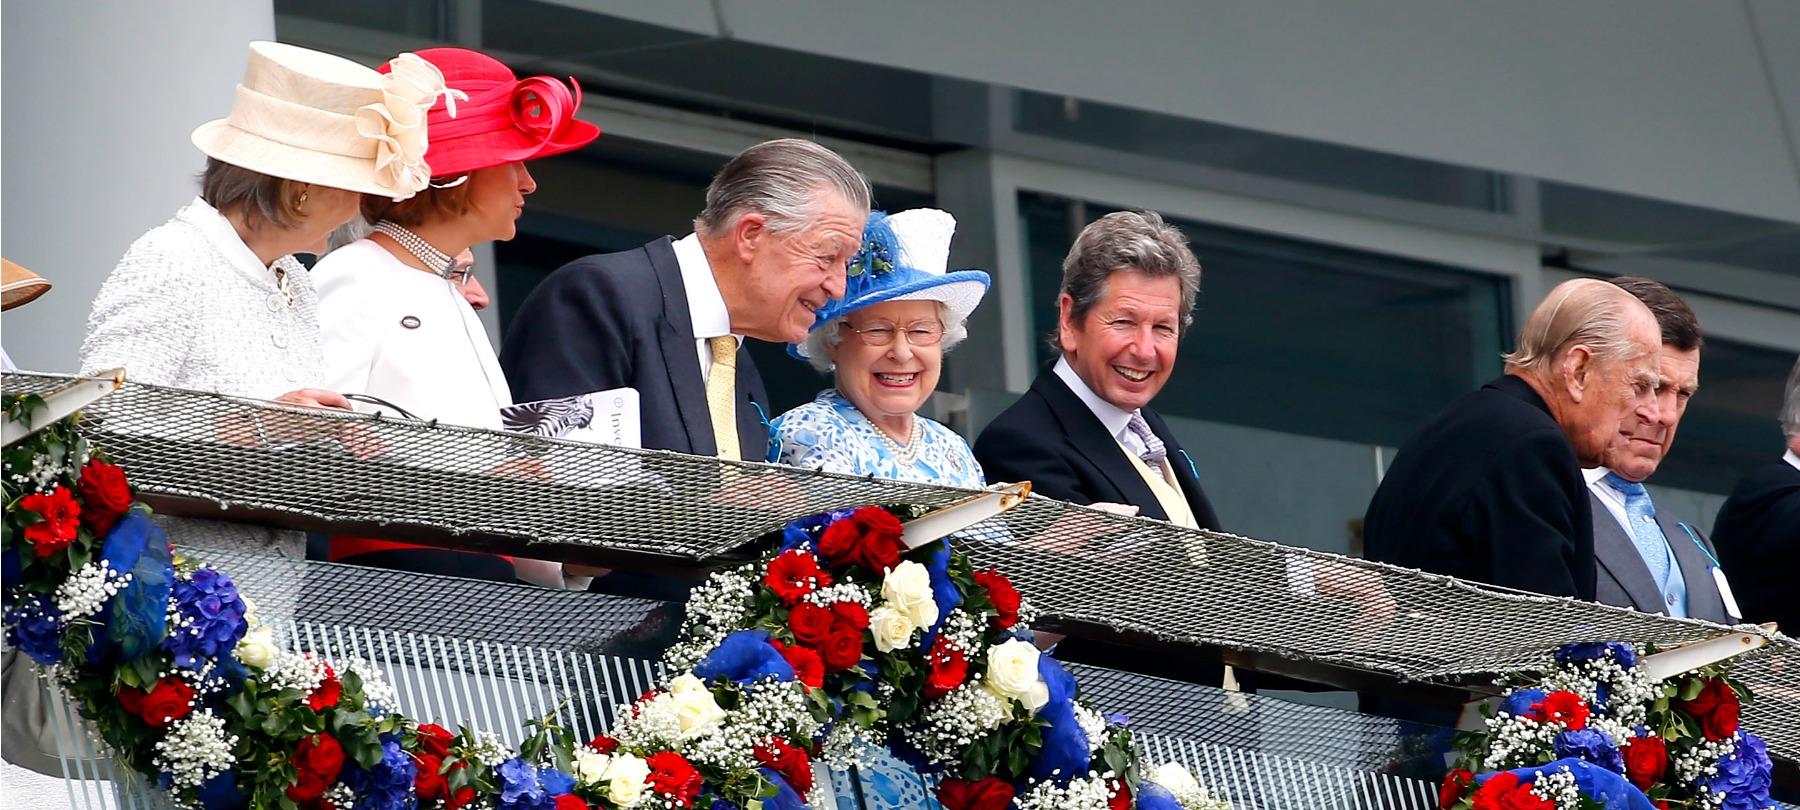 derby-balcony-queen-laugh-hero.jpg